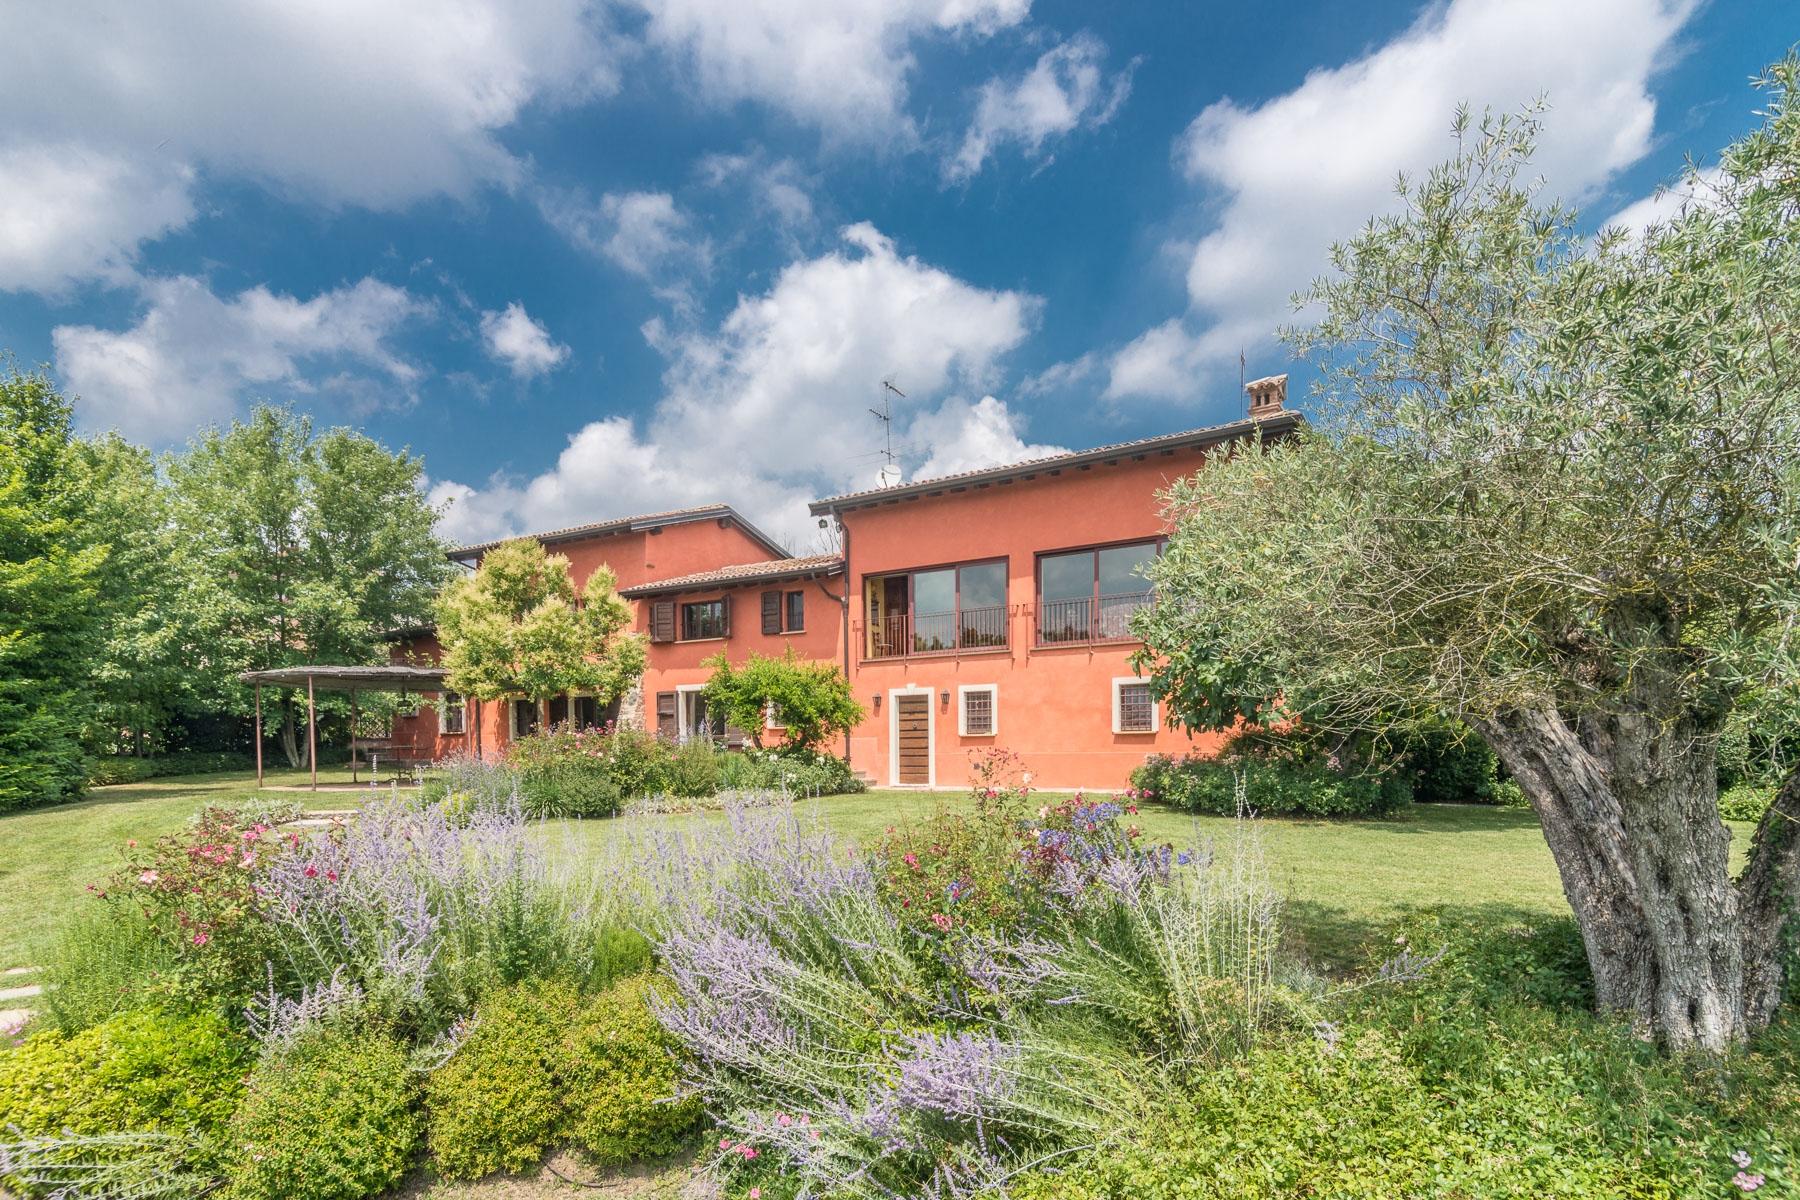 Casa indipendente in Vendita a Ziano Piacentino: 5 locali, 260 mq - Foto 3